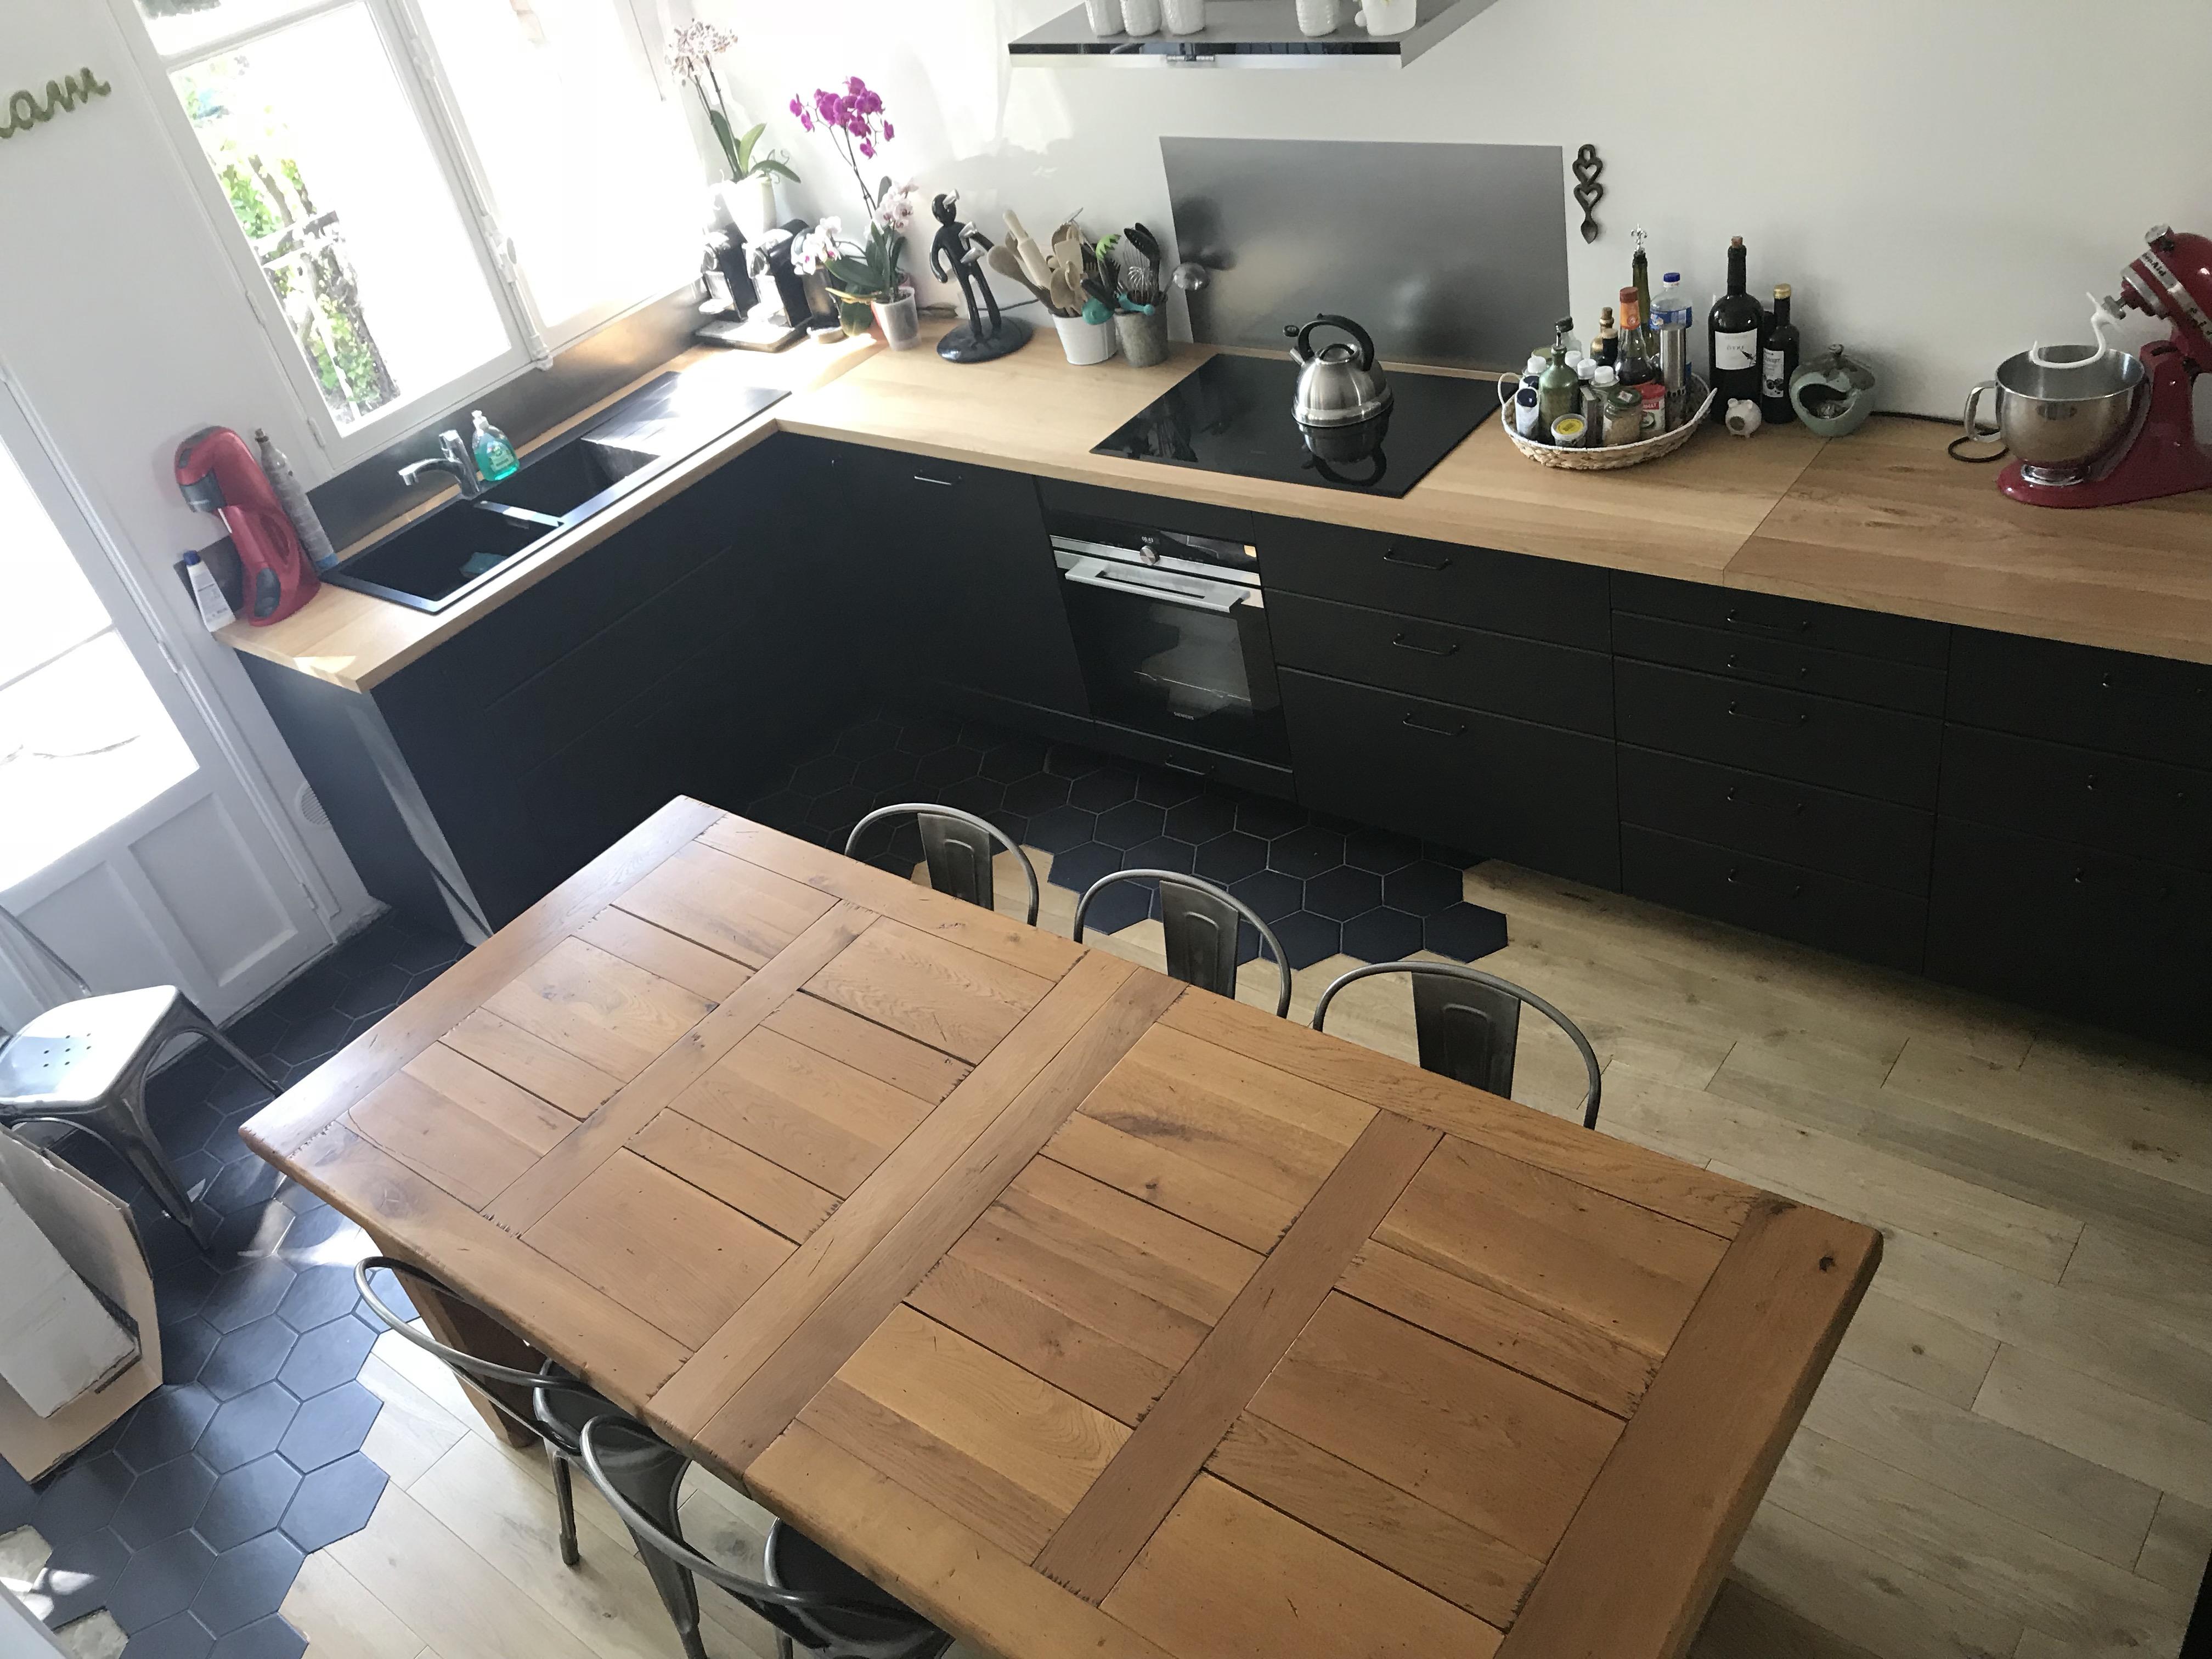 Fond De Hotte Verre Ikea installation de la cuisine : le montage #2 - ciloubidouille